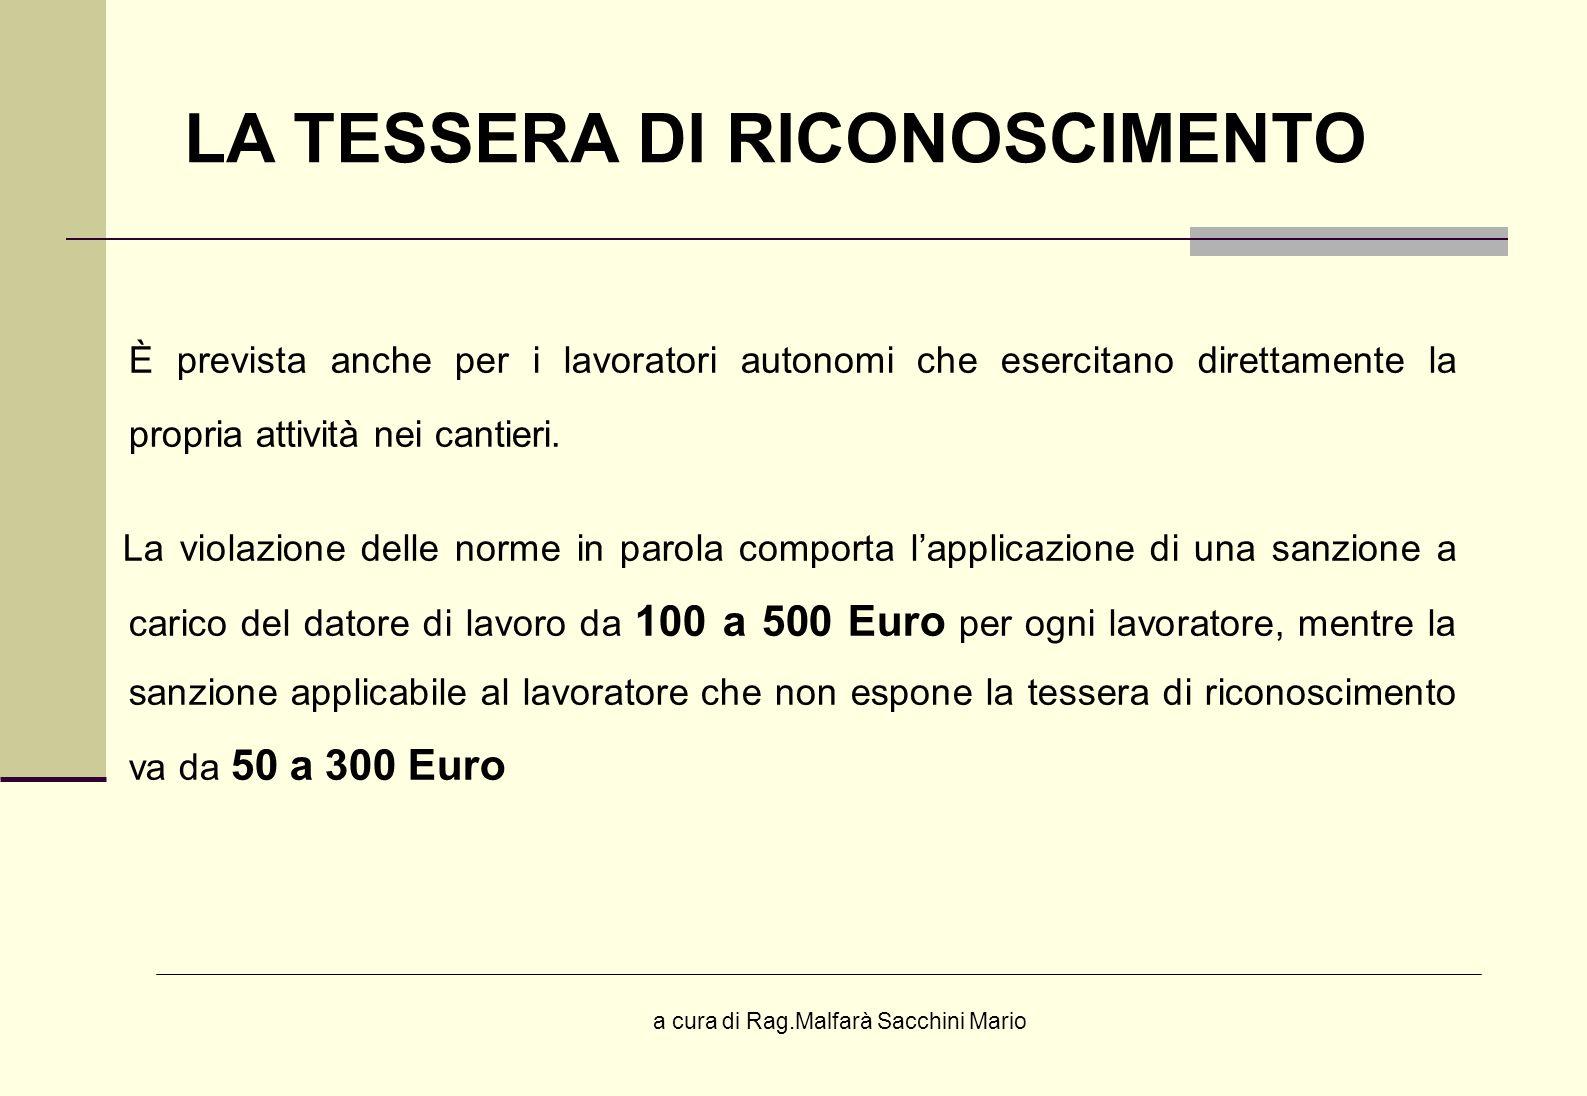 a cura di Rag.Malfarà Sacchini Mario È prevista anche per i lavoratori autonomi che esercitano direttamente la propria attività nei cantieri. La viola